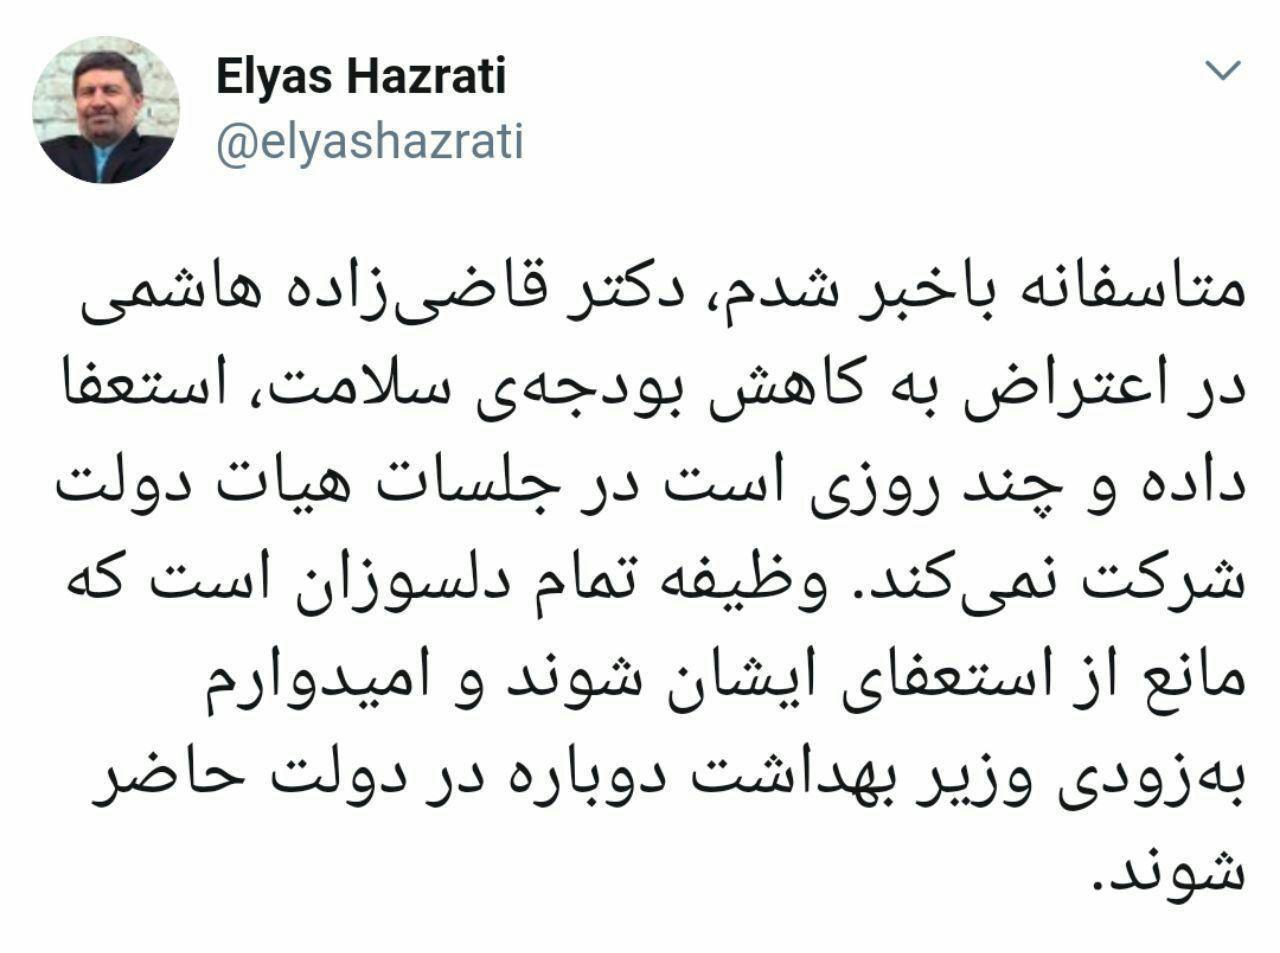 طرح شاخصی که دامن آقای وزیر را گرفت/ ریزشی معنادار که حکایت از وضعیت درونی دولت دارد/ وزیر بهداشت به جای پاسخگویی استعفا داد